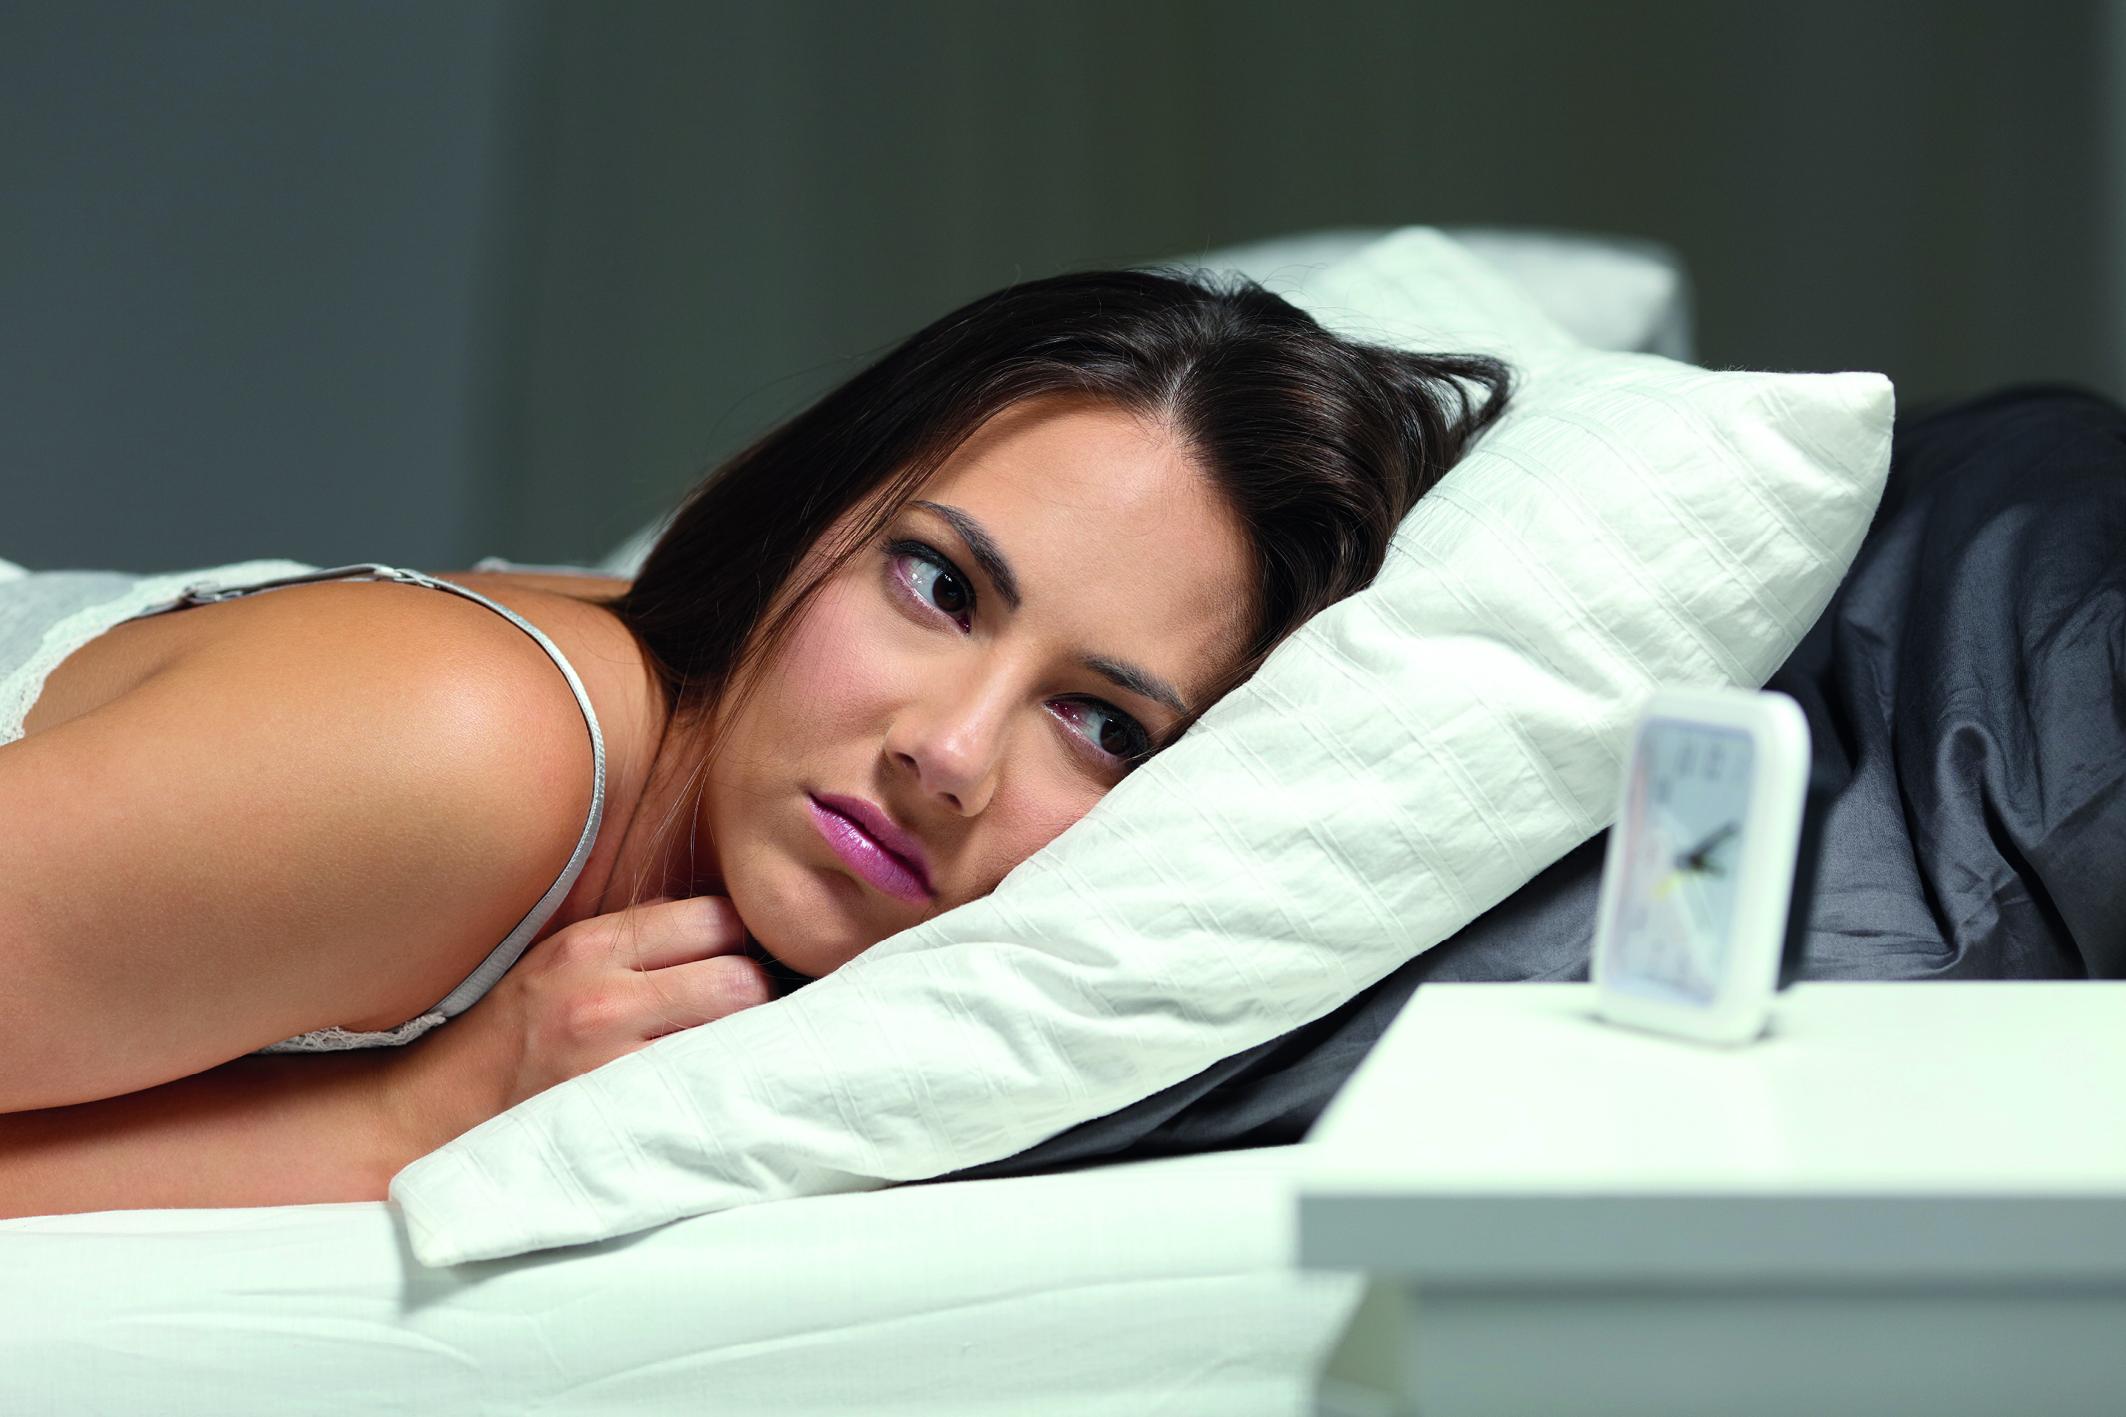 Eine Frau liegt wach im Bett und schaut auf den Wecker (Schlafstörungen).